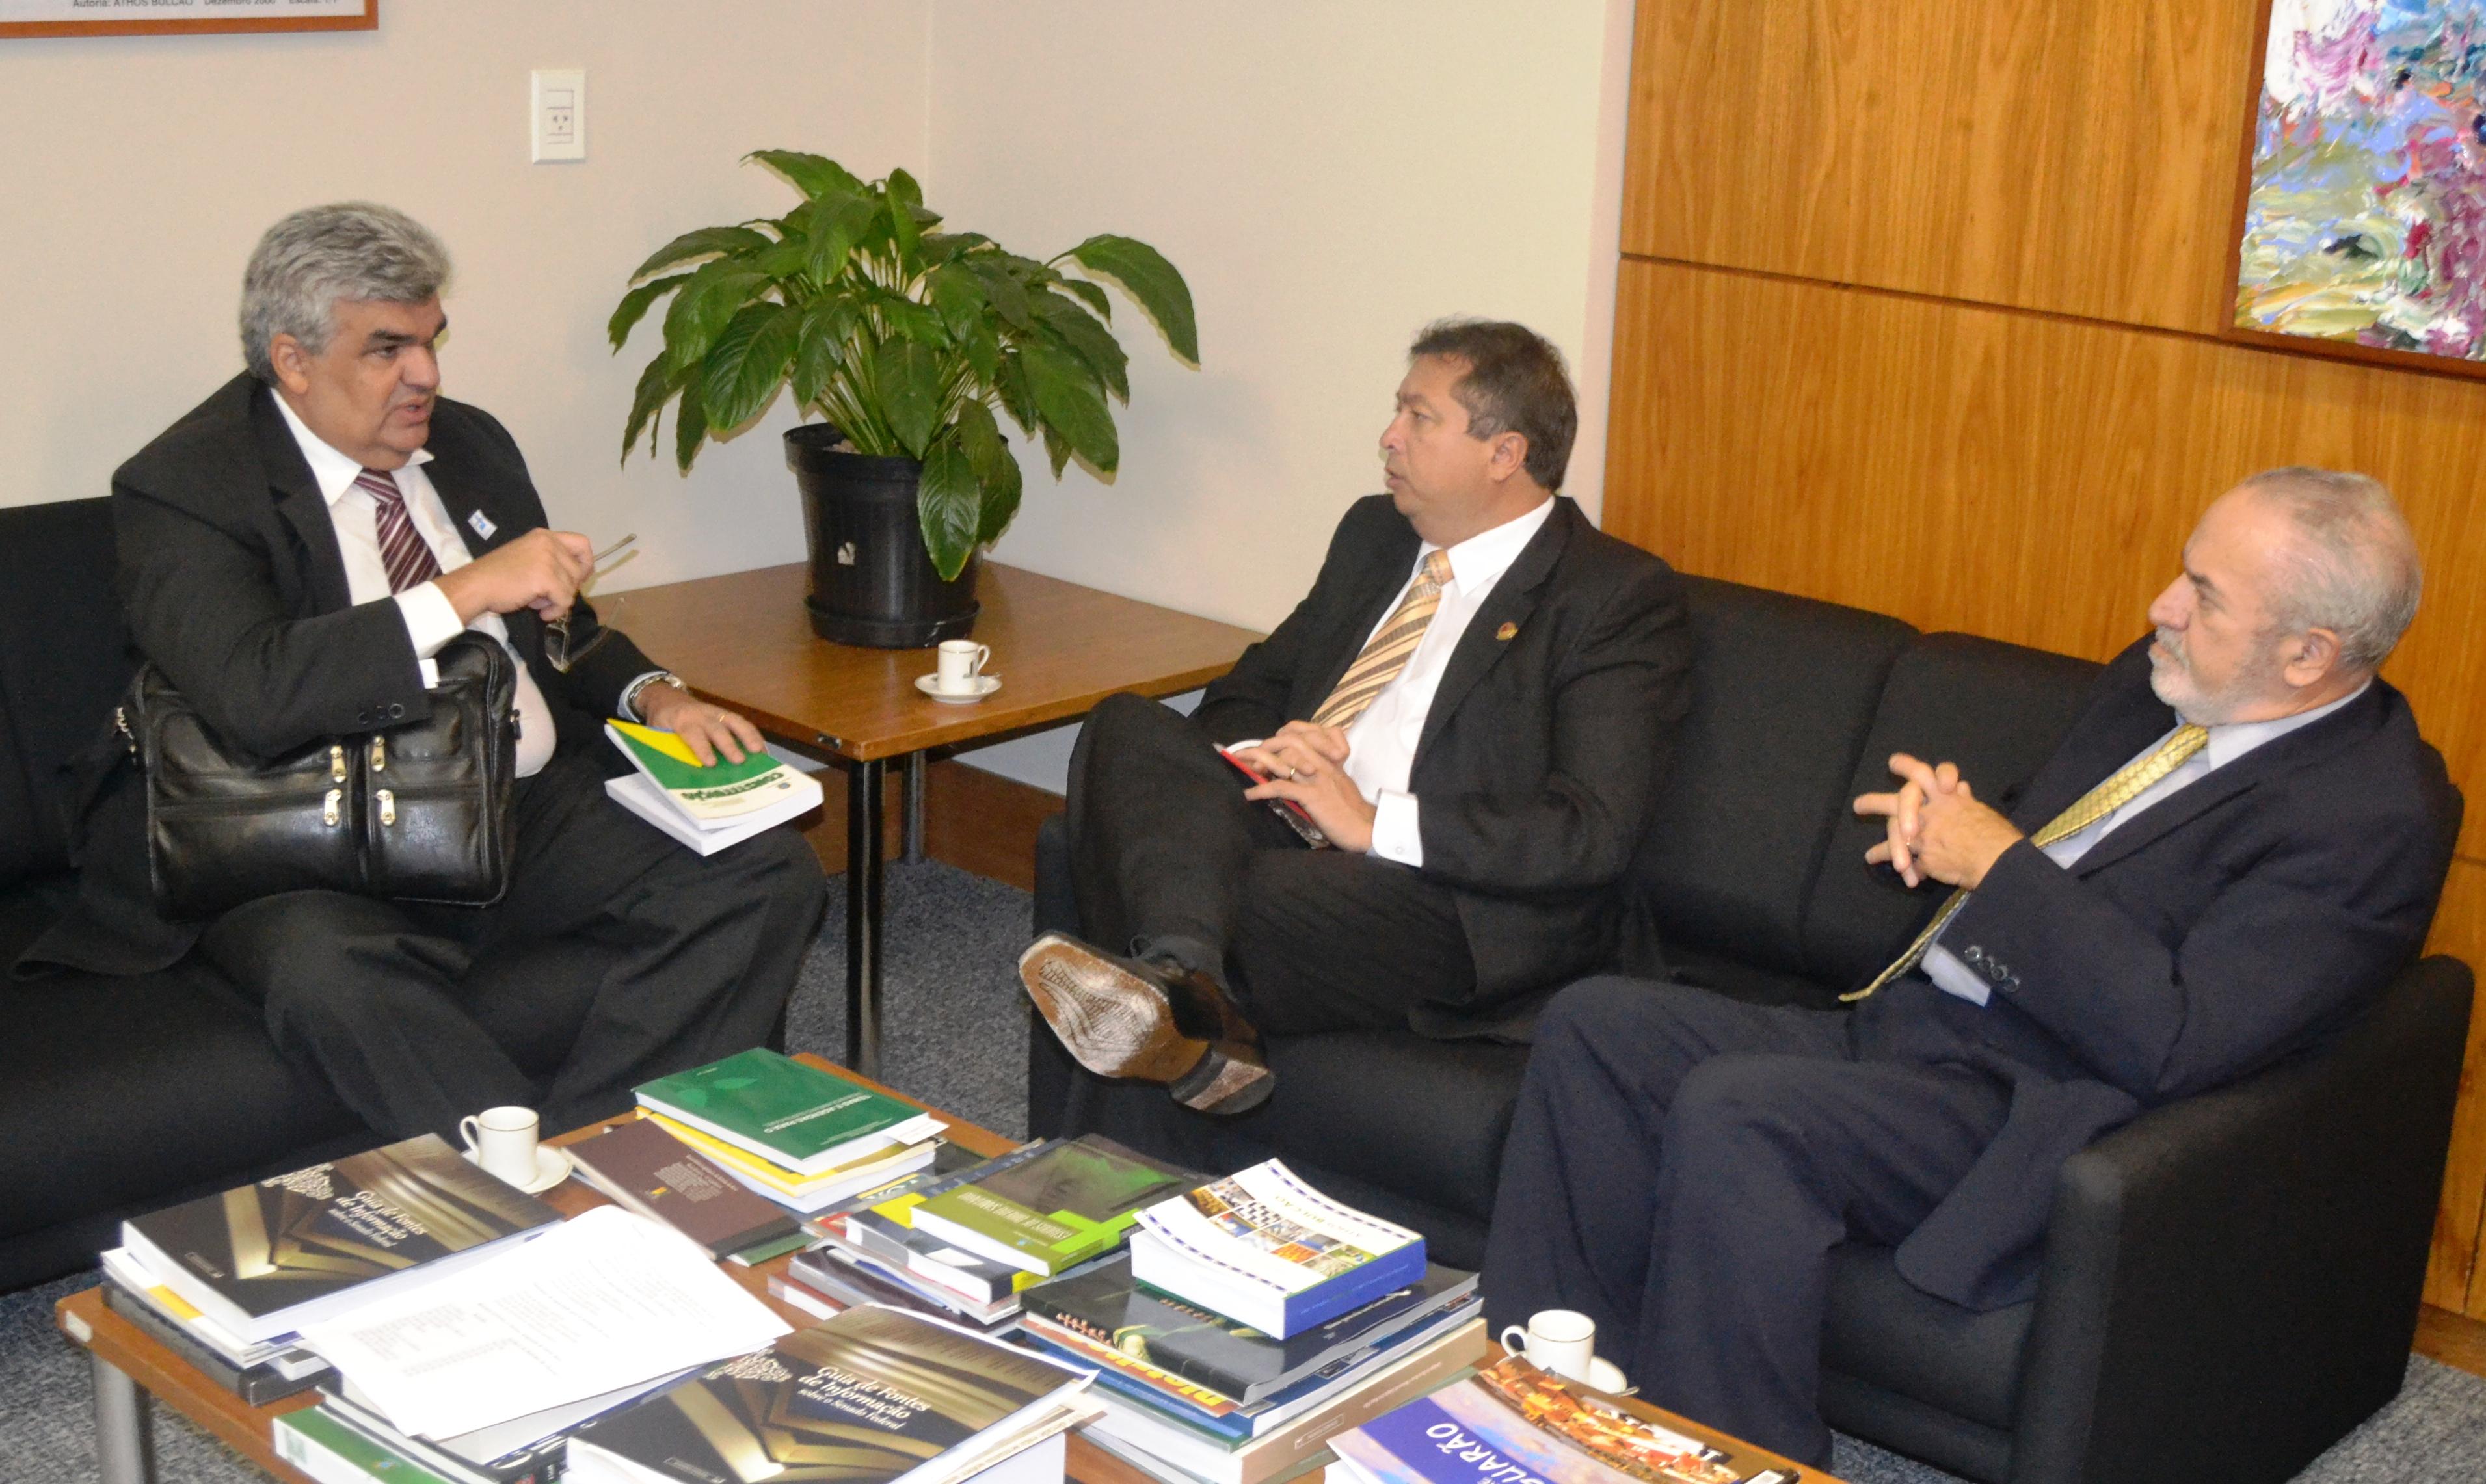 Escola do Tribunal de Contas do Amazonas define ações conjuntas com o Programa Interlegis